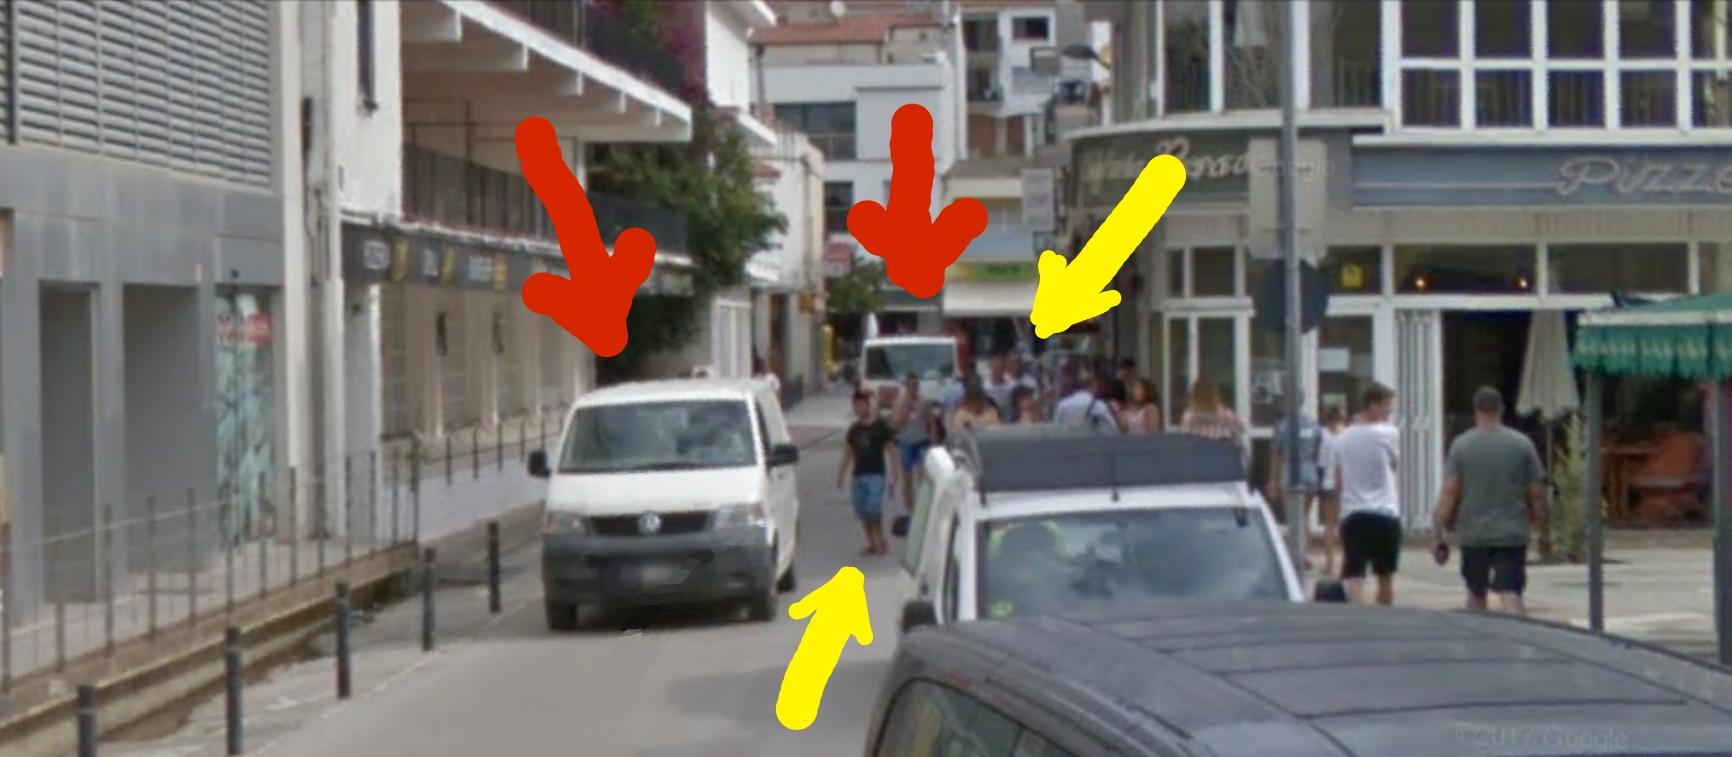 Sidewalks Pedestrians Estartit